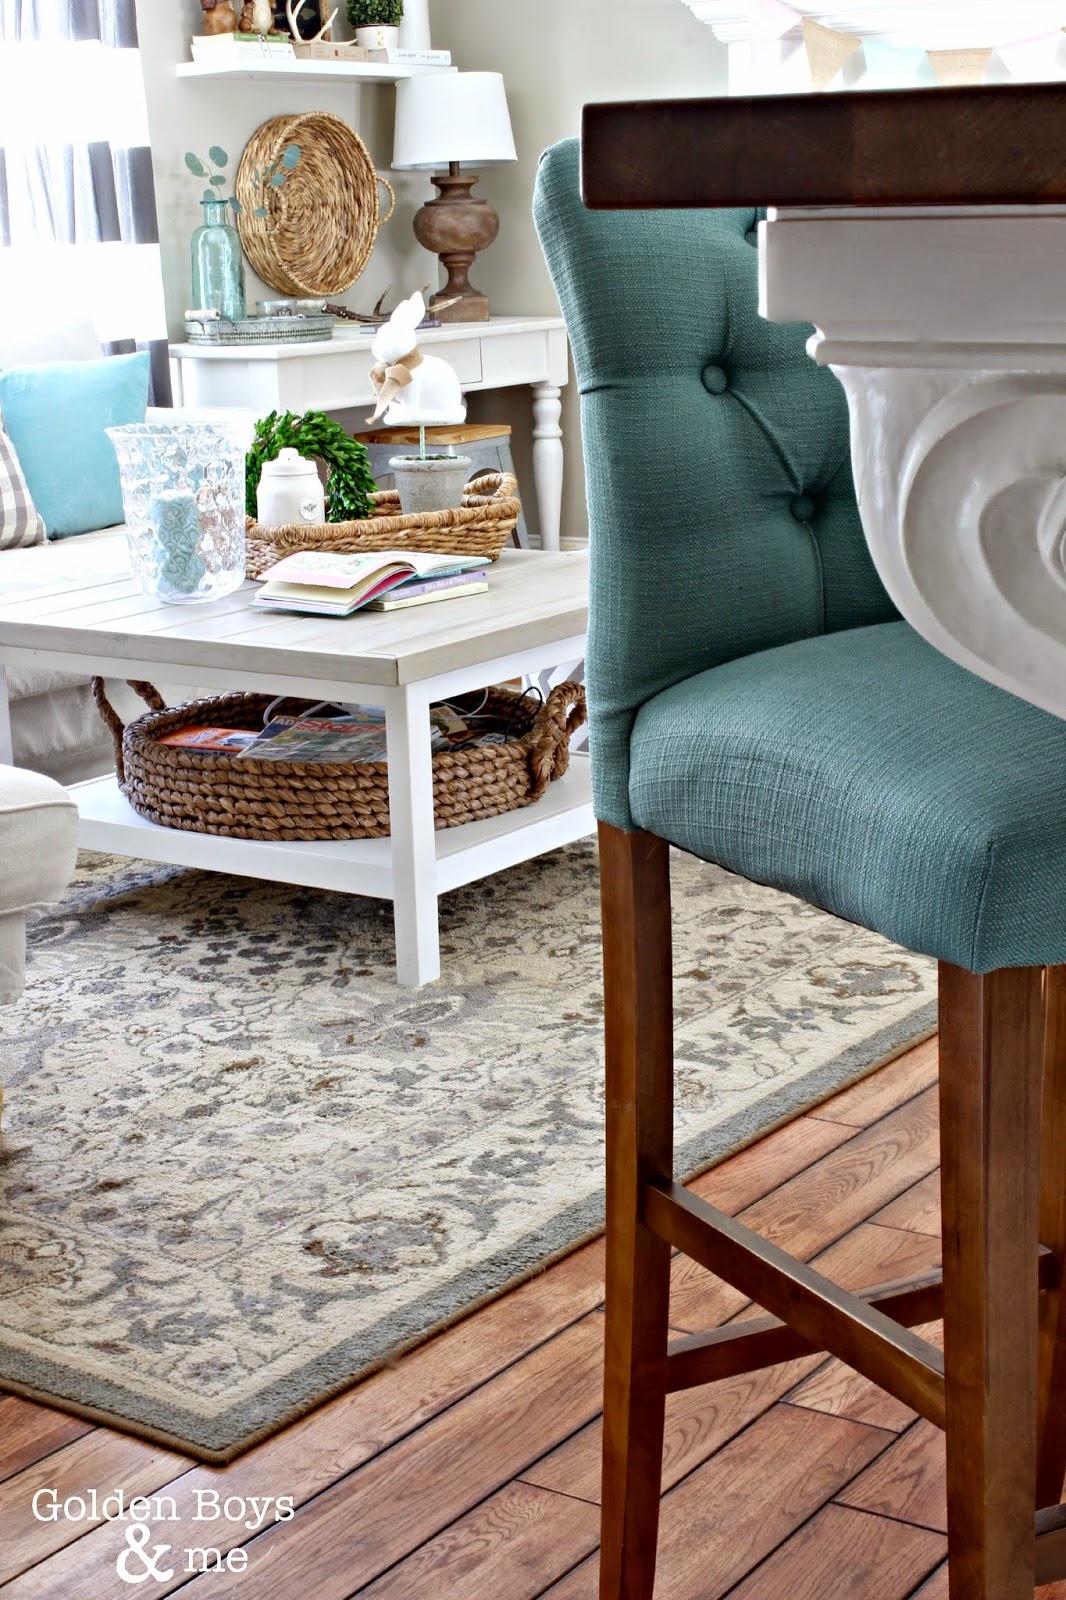 Target Threshold tufted upholstered stool.  Part of Spring decor in living room.  www.goldenboysandme.com